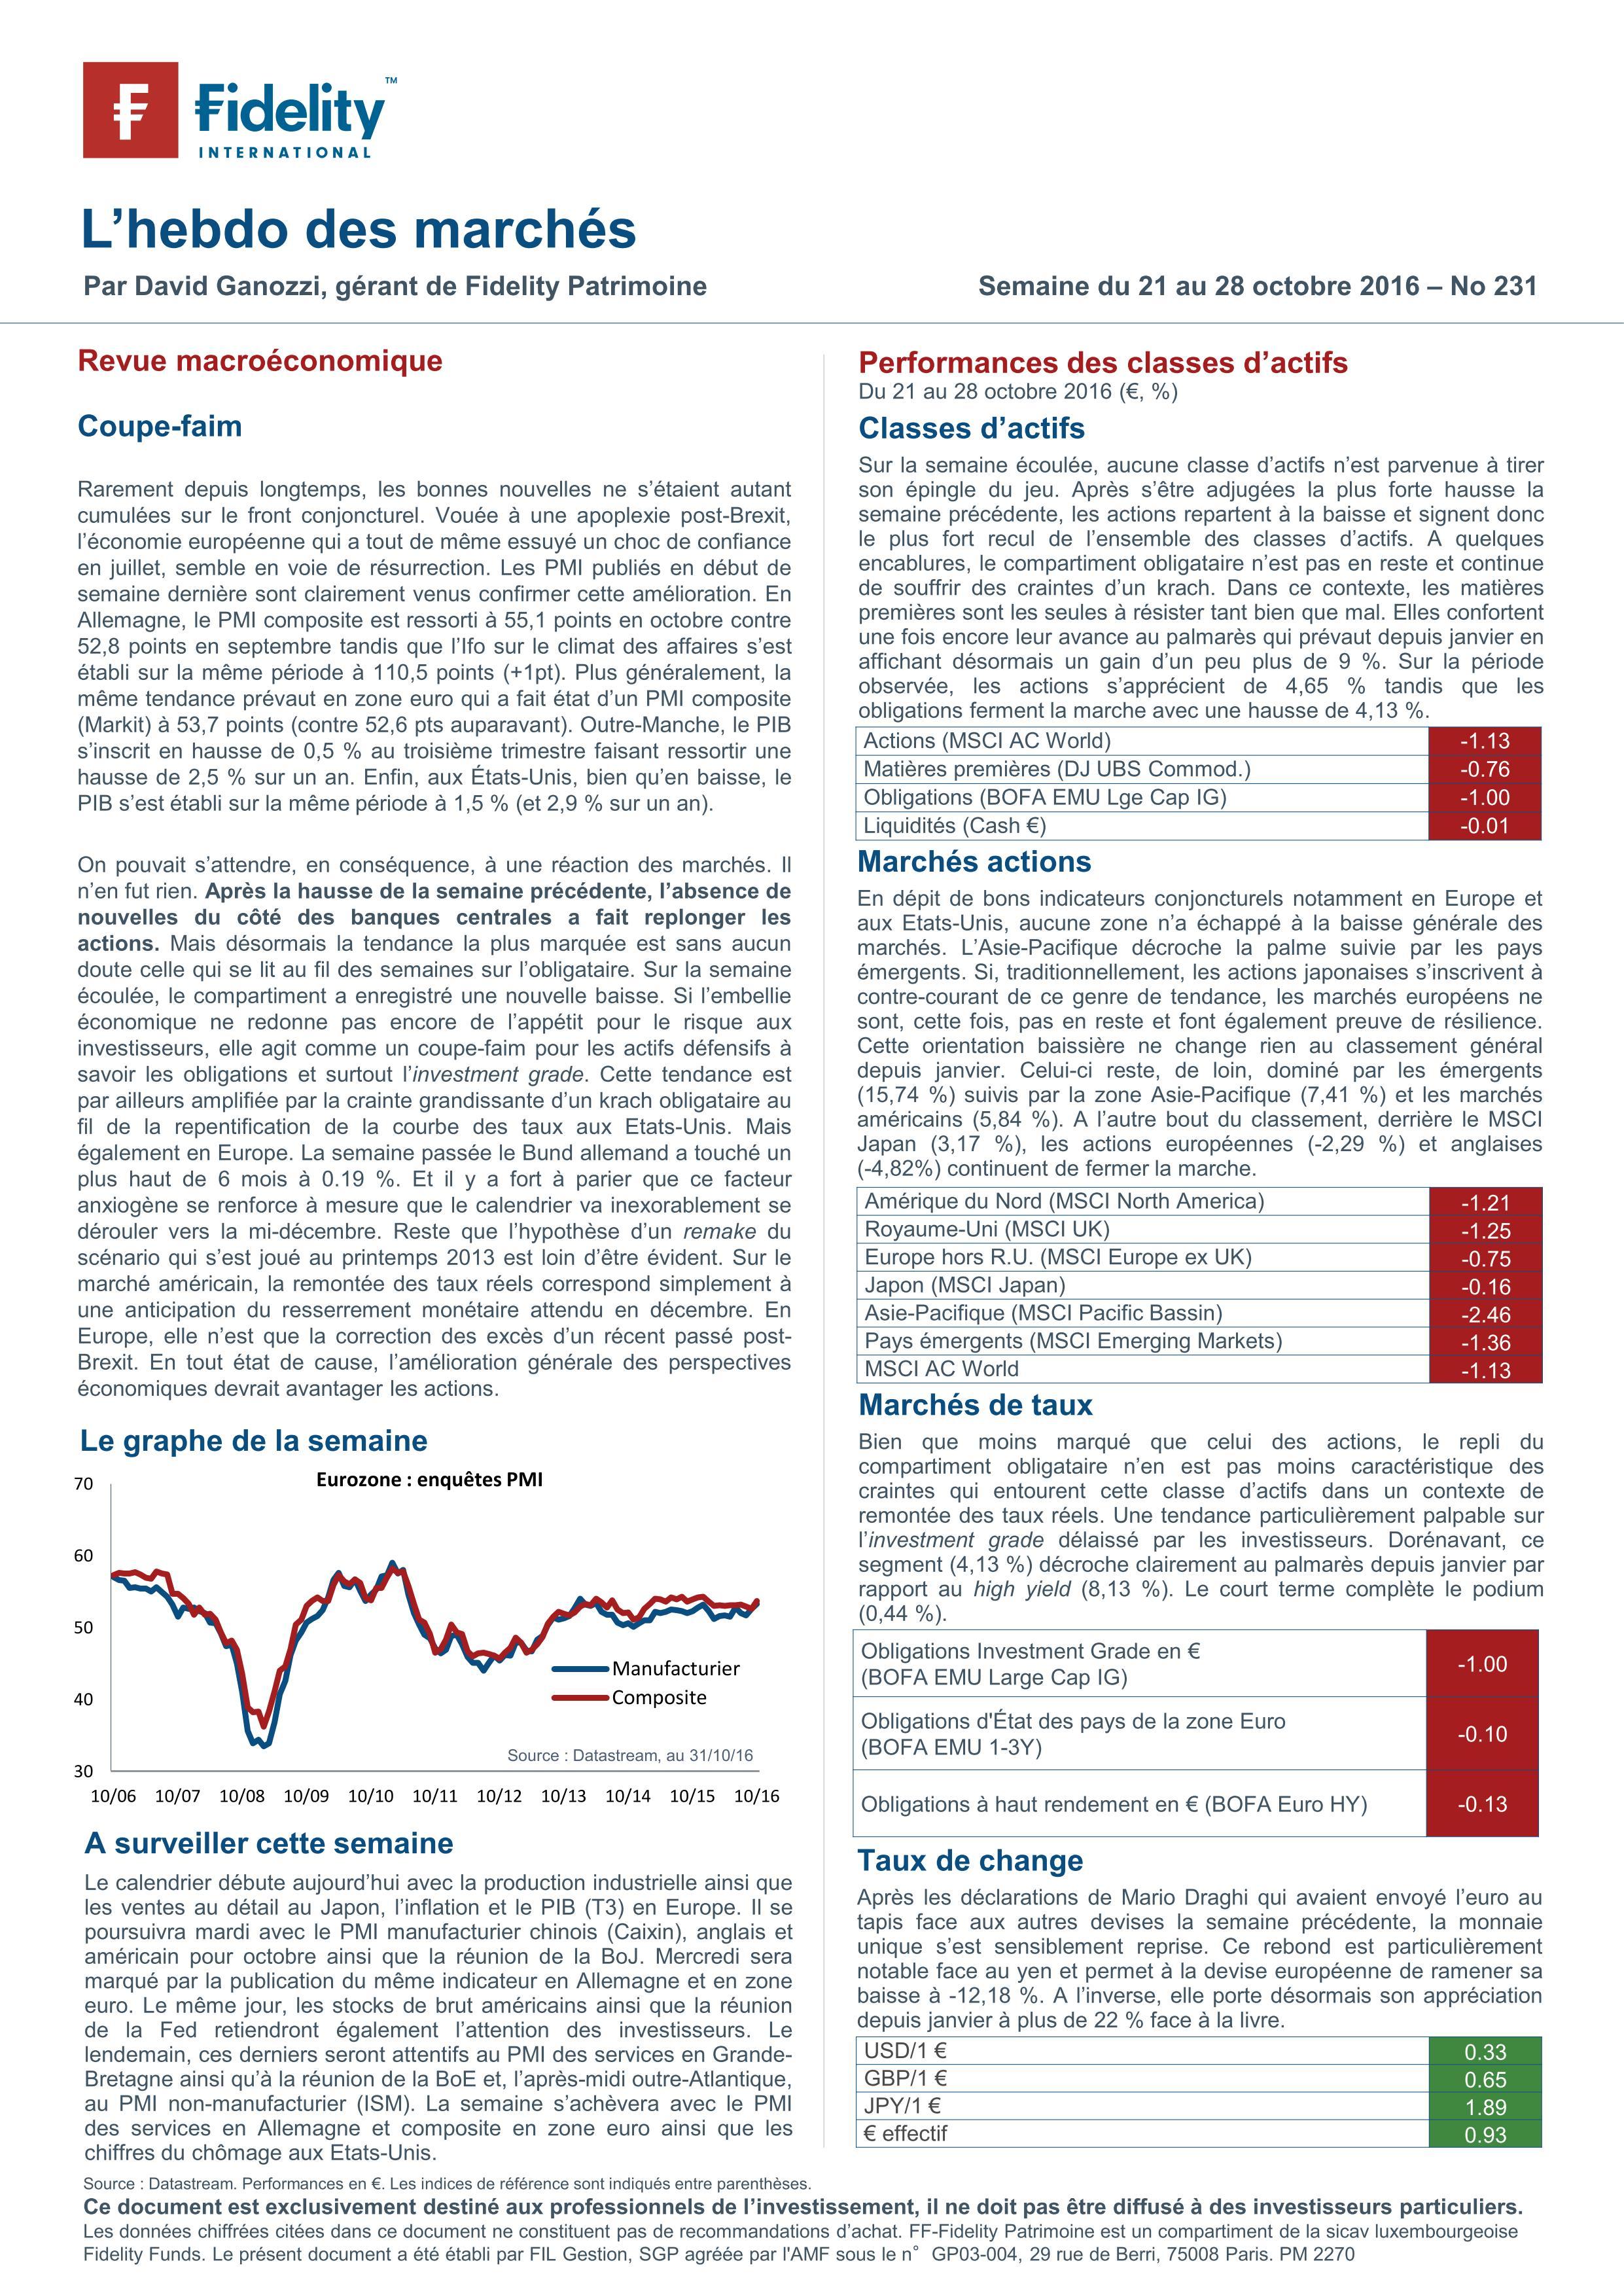 la-lettre-macroeconomique-20161031_01